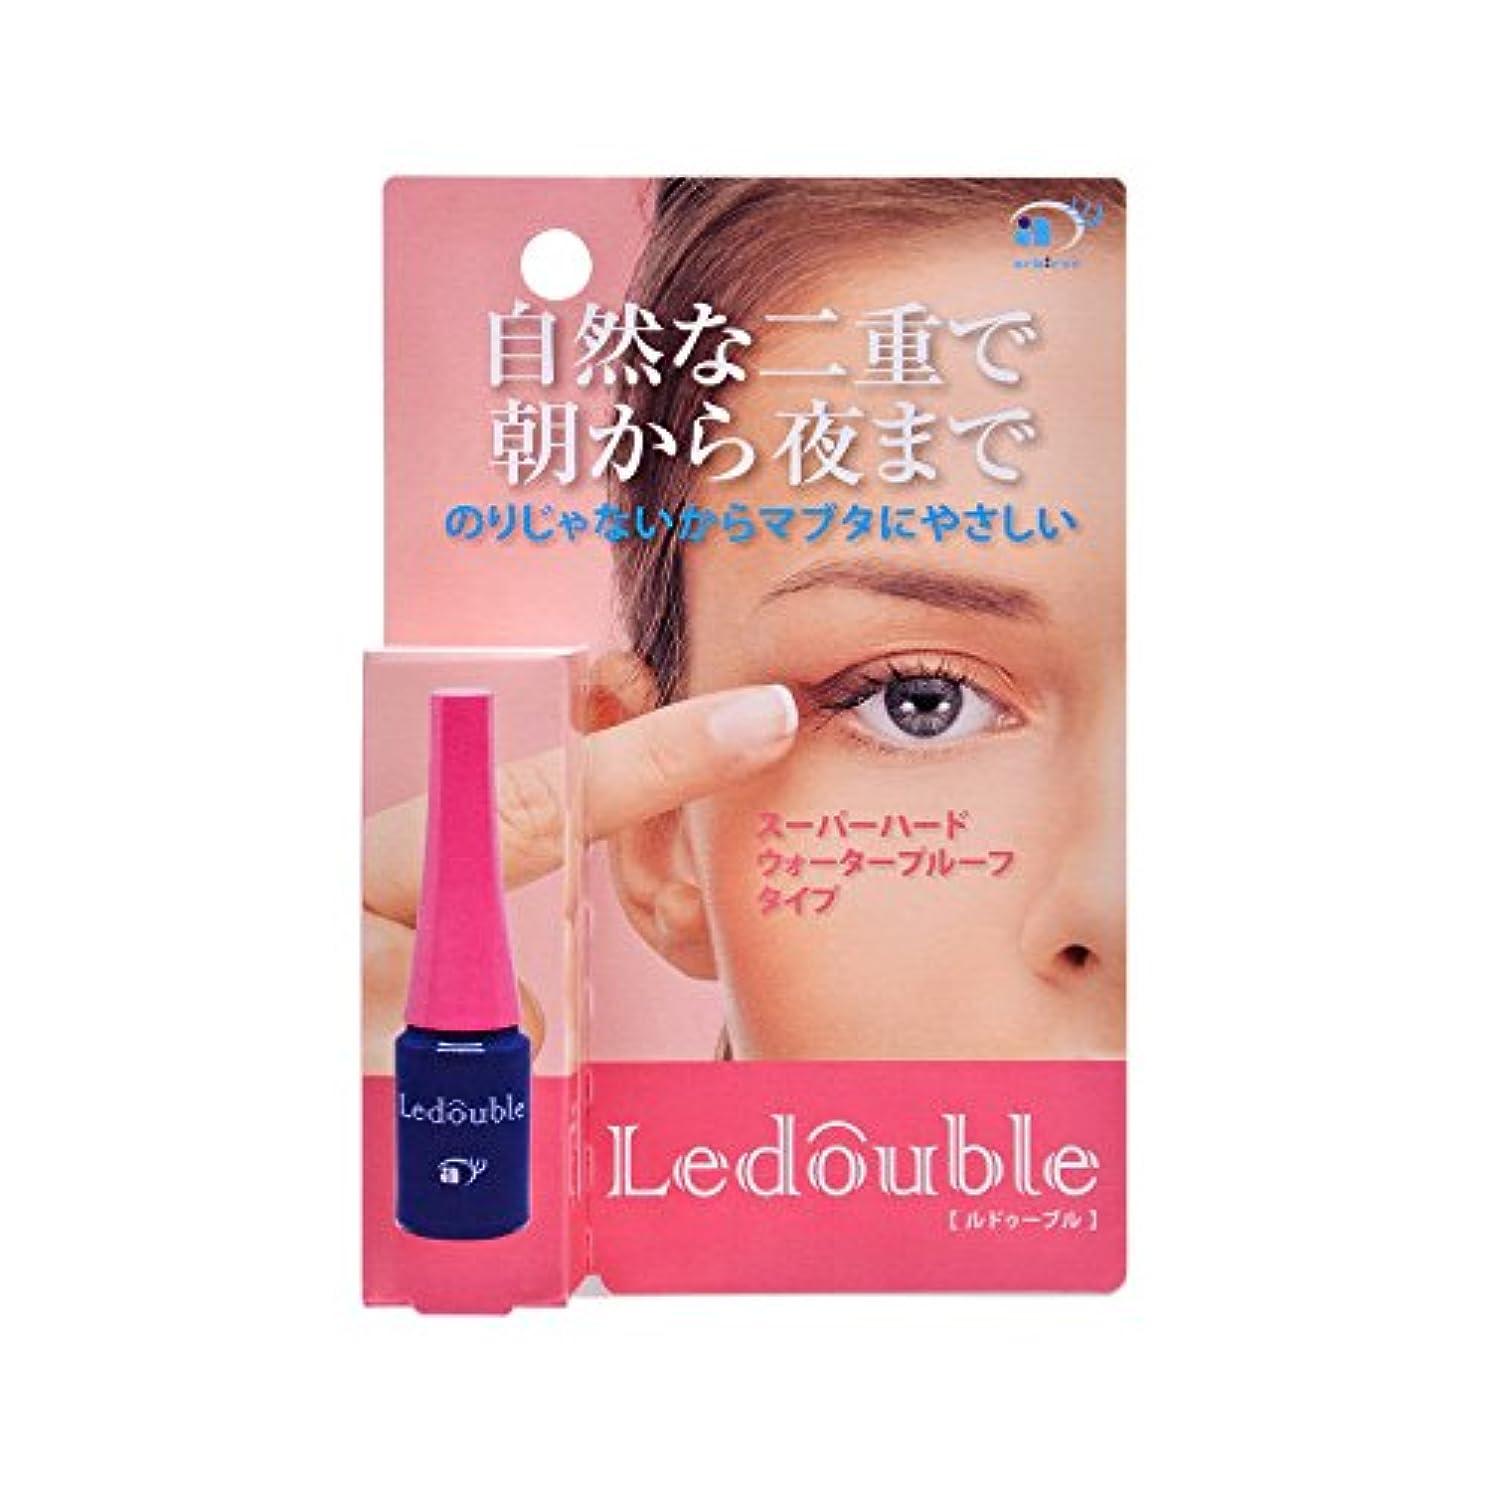 関係バスルームグラムLedouble [ルドゥーブル] 二重まぶた化粧品 (2mL)